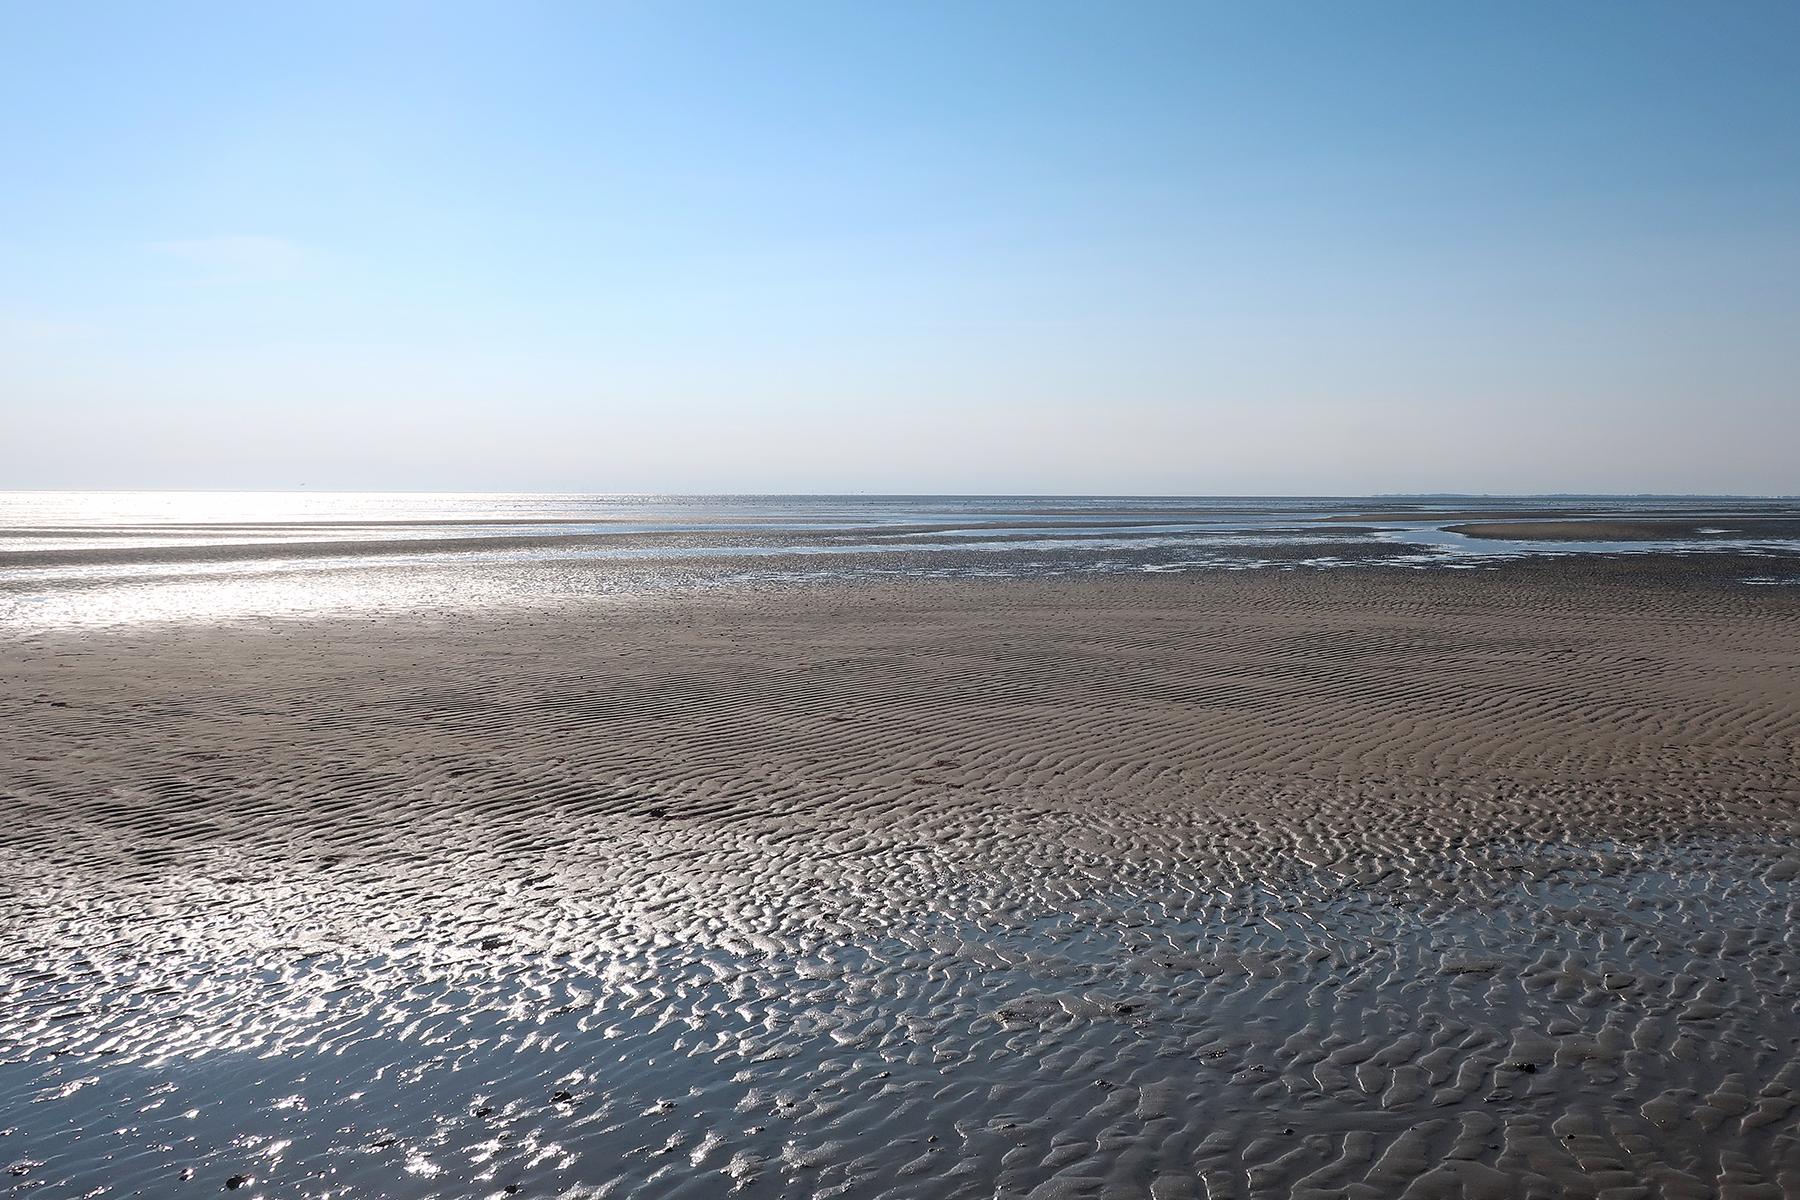 Reisevideo: Wandern durch das Wattenmeer auf Sylt